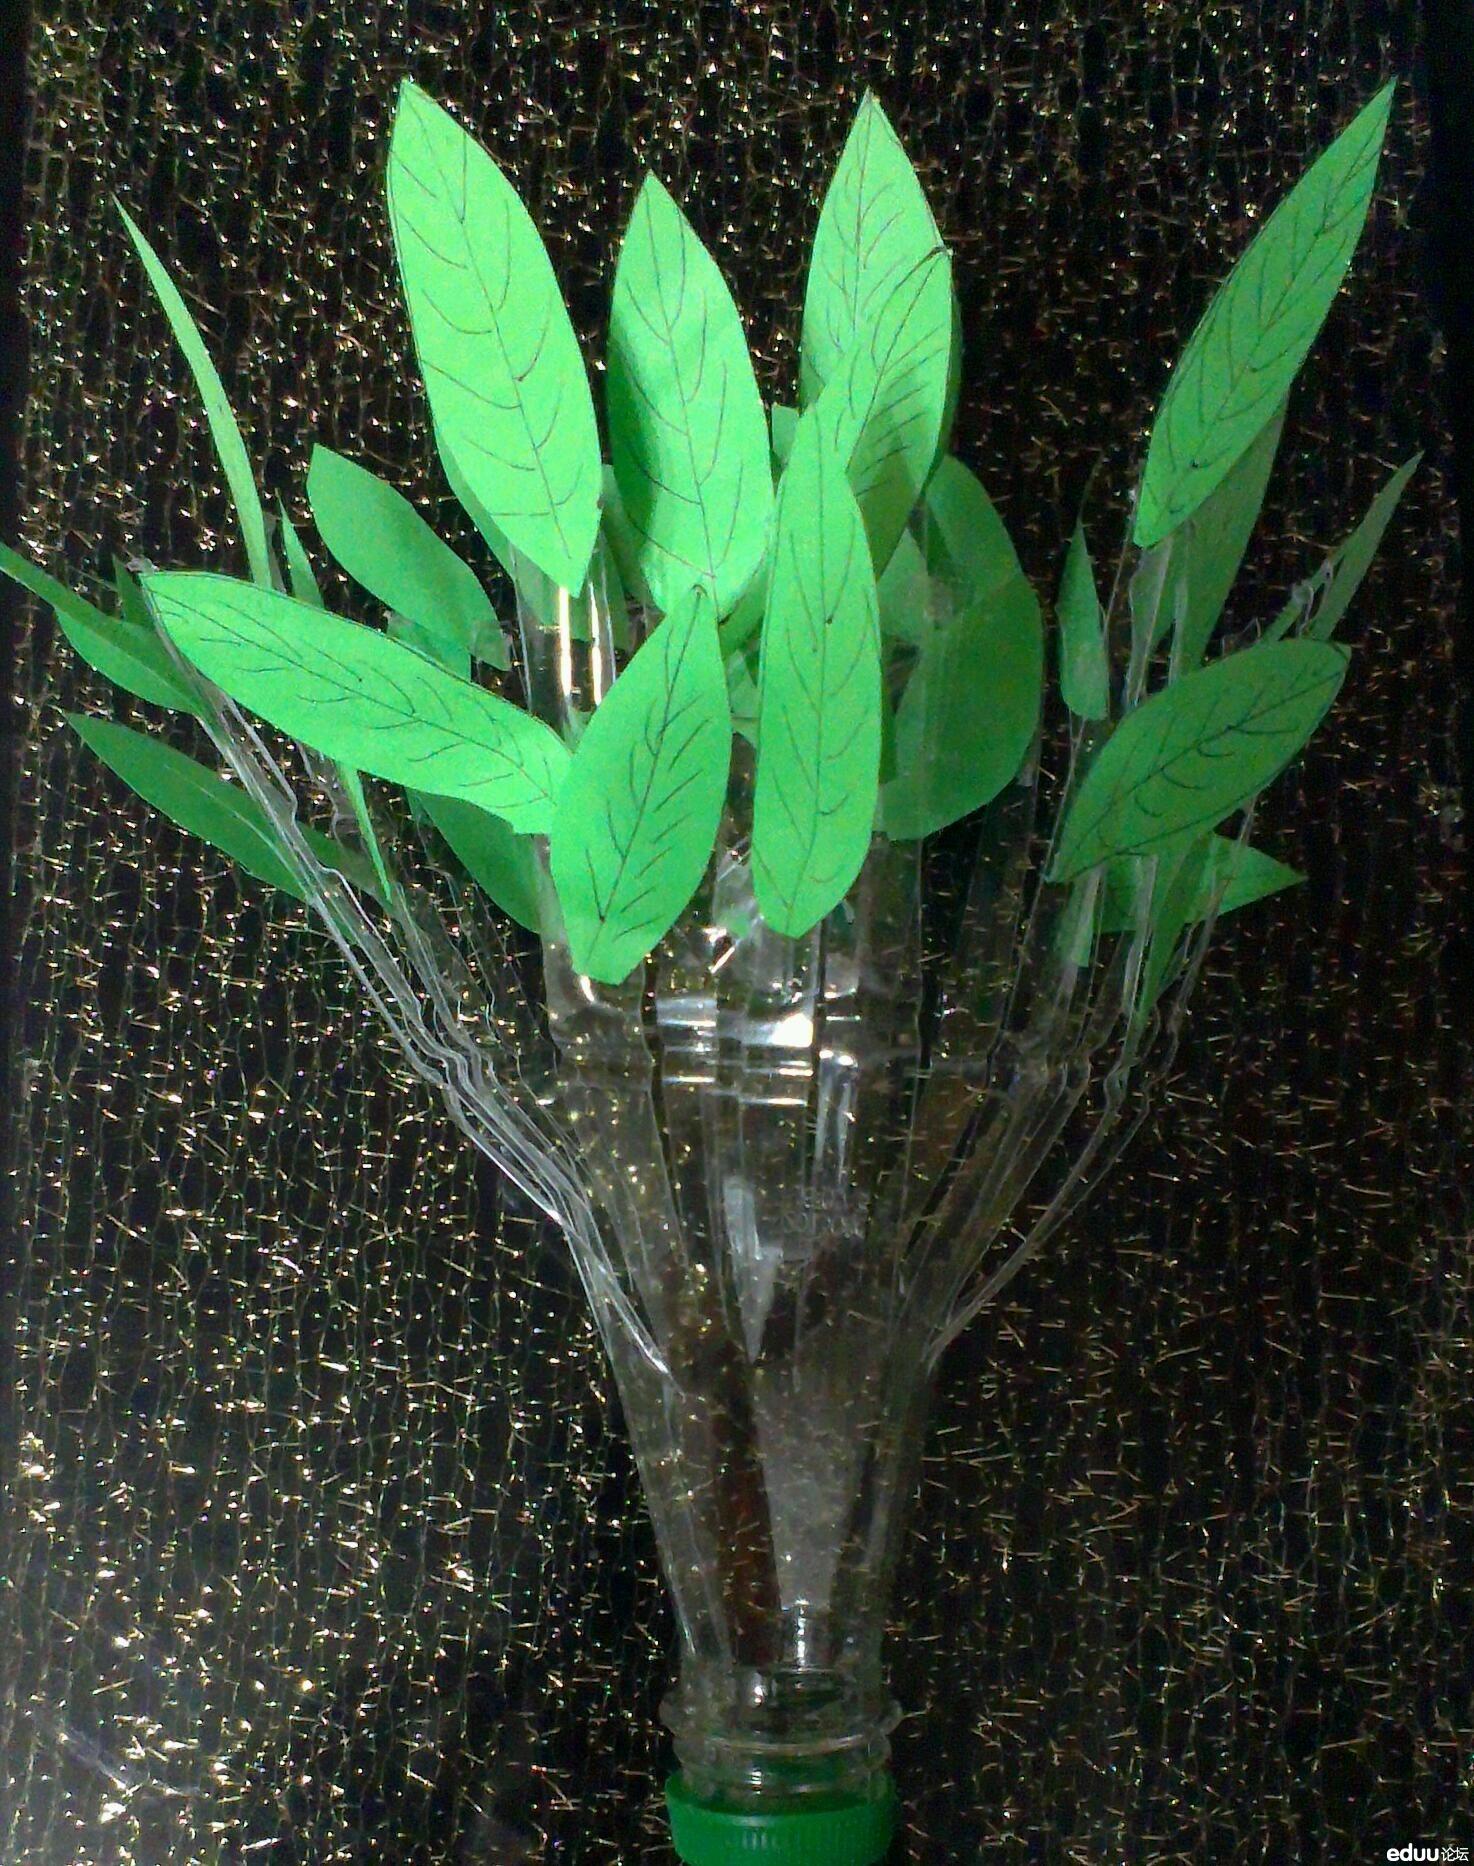 徐瑞成的创意树,塑料瓶做树干,手工的绿色叶子,很棒哈!图片